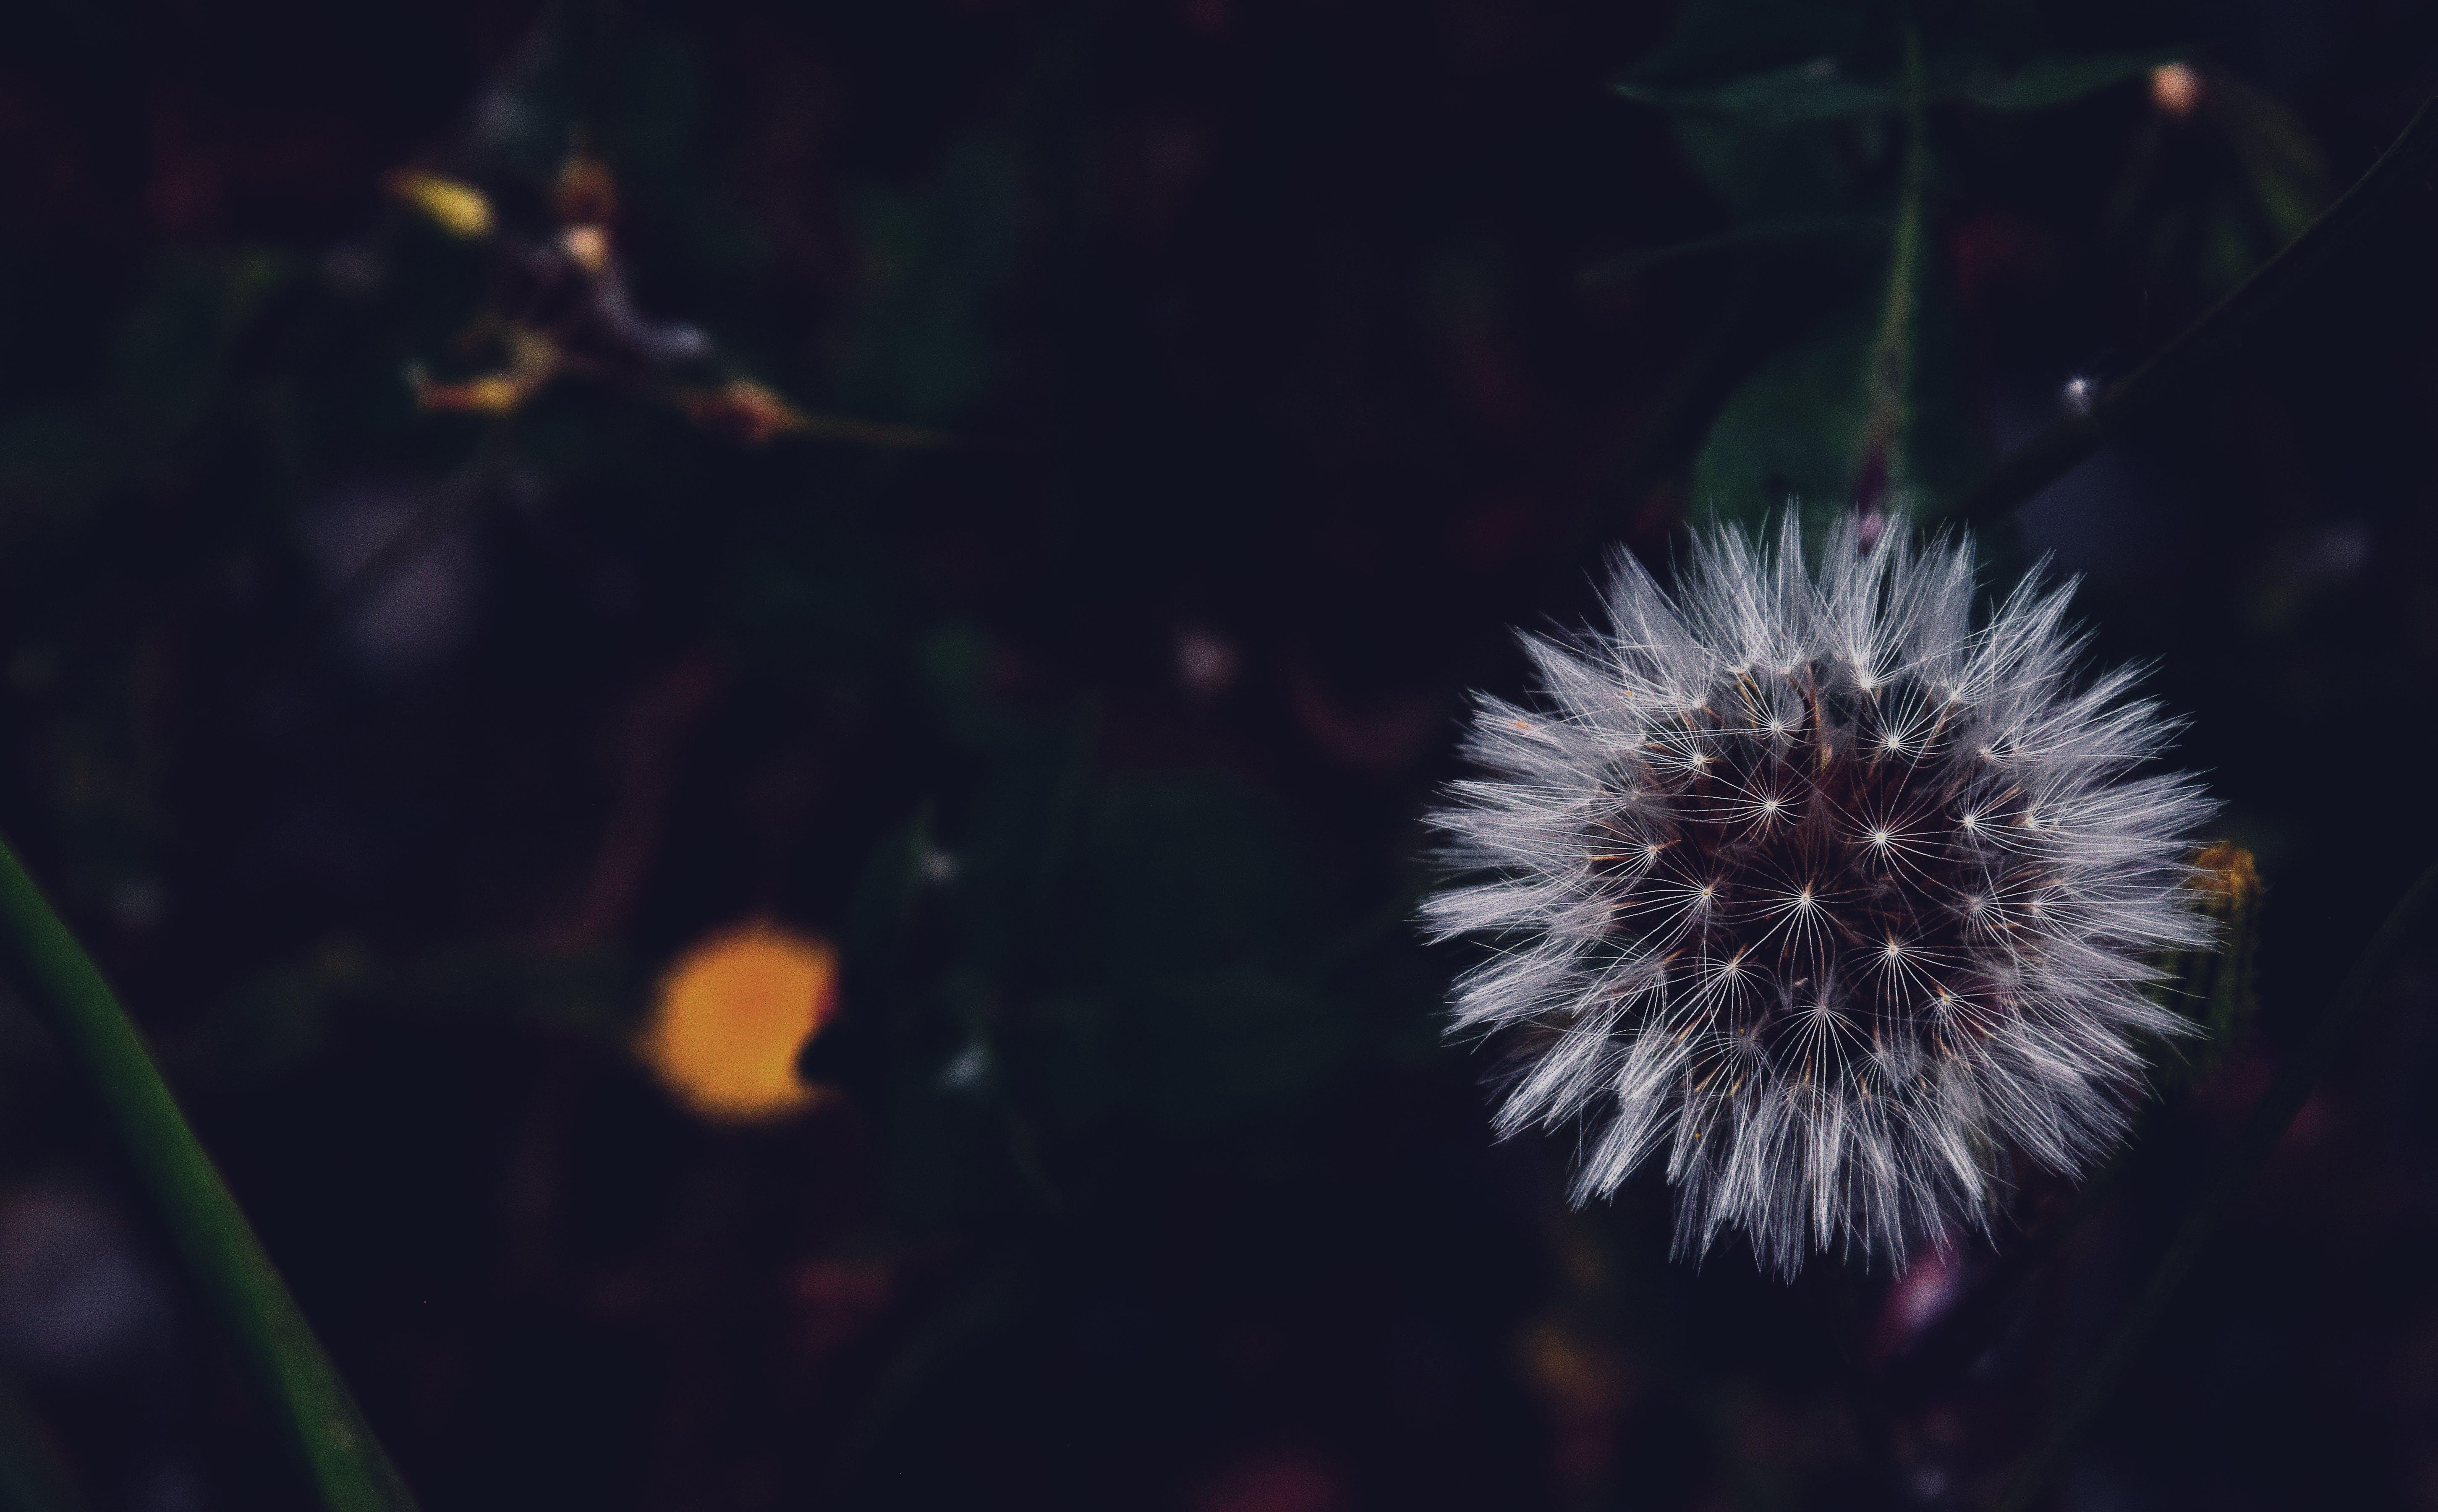 blur, close-up, color